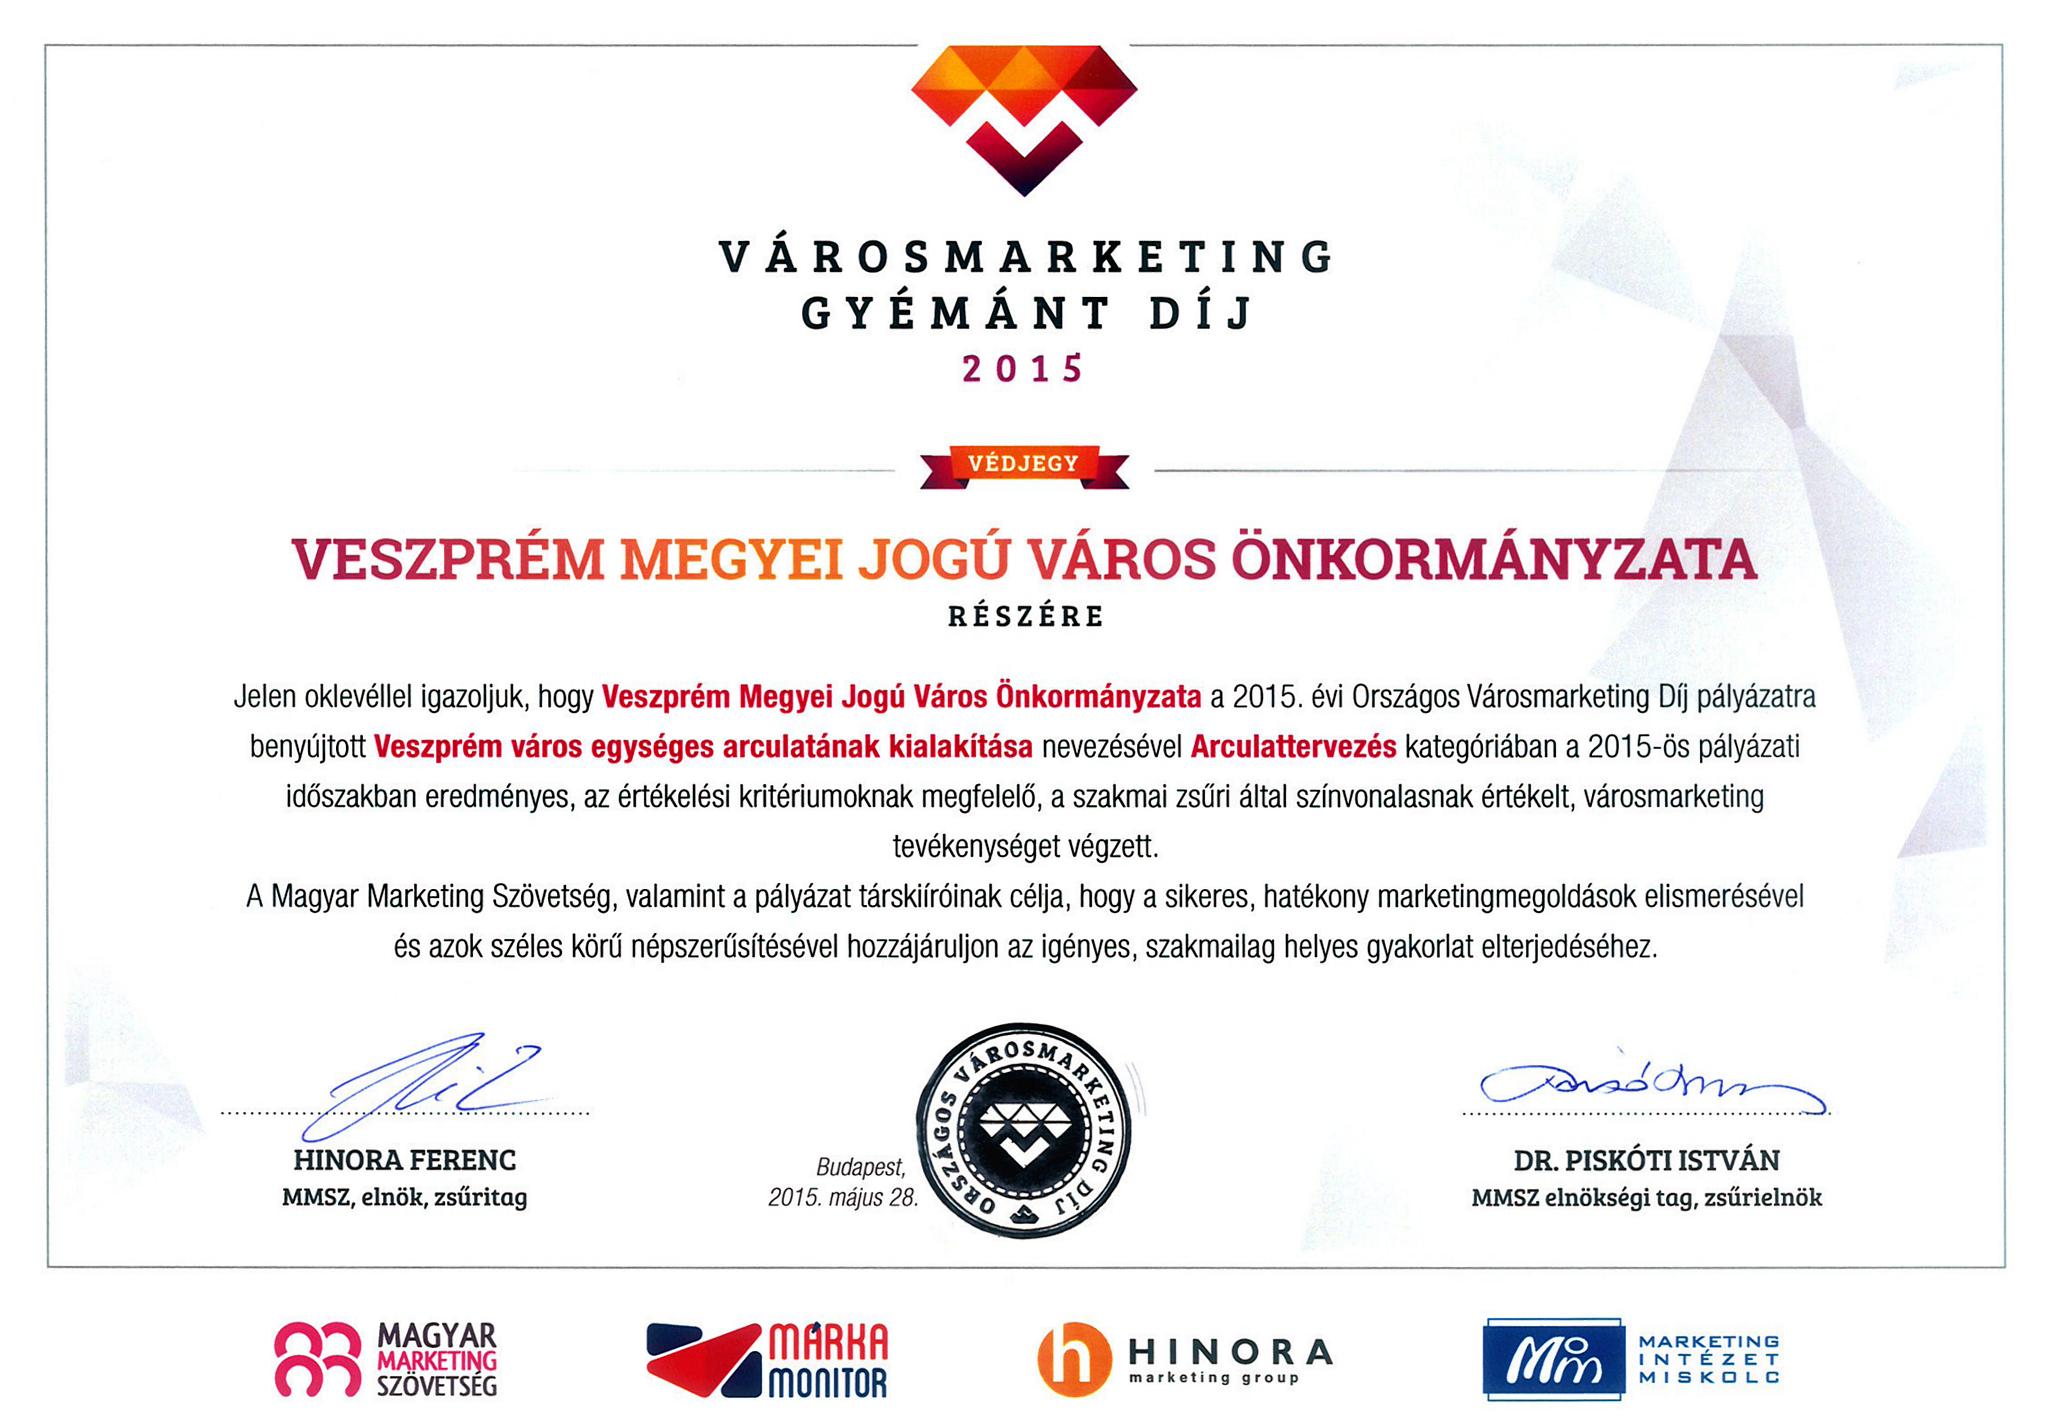 _Városmarketing-díj 2015